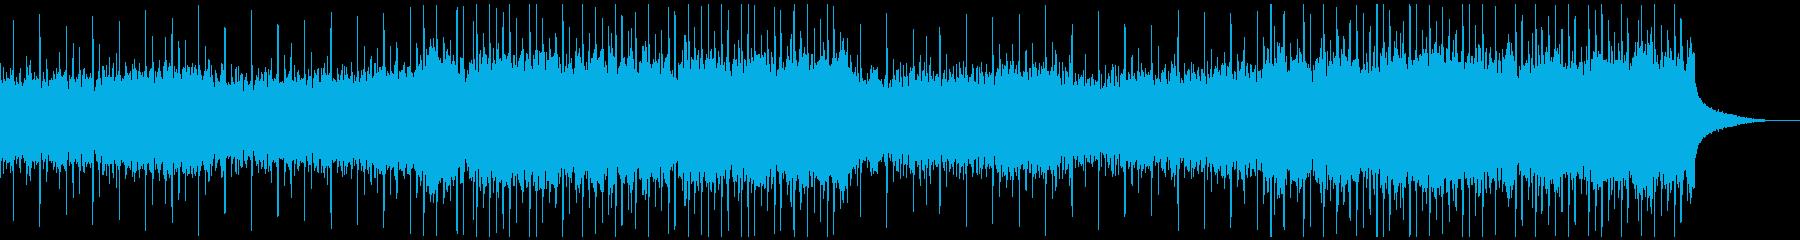 Lo-Fi Hiphop 5の再生済みの波形